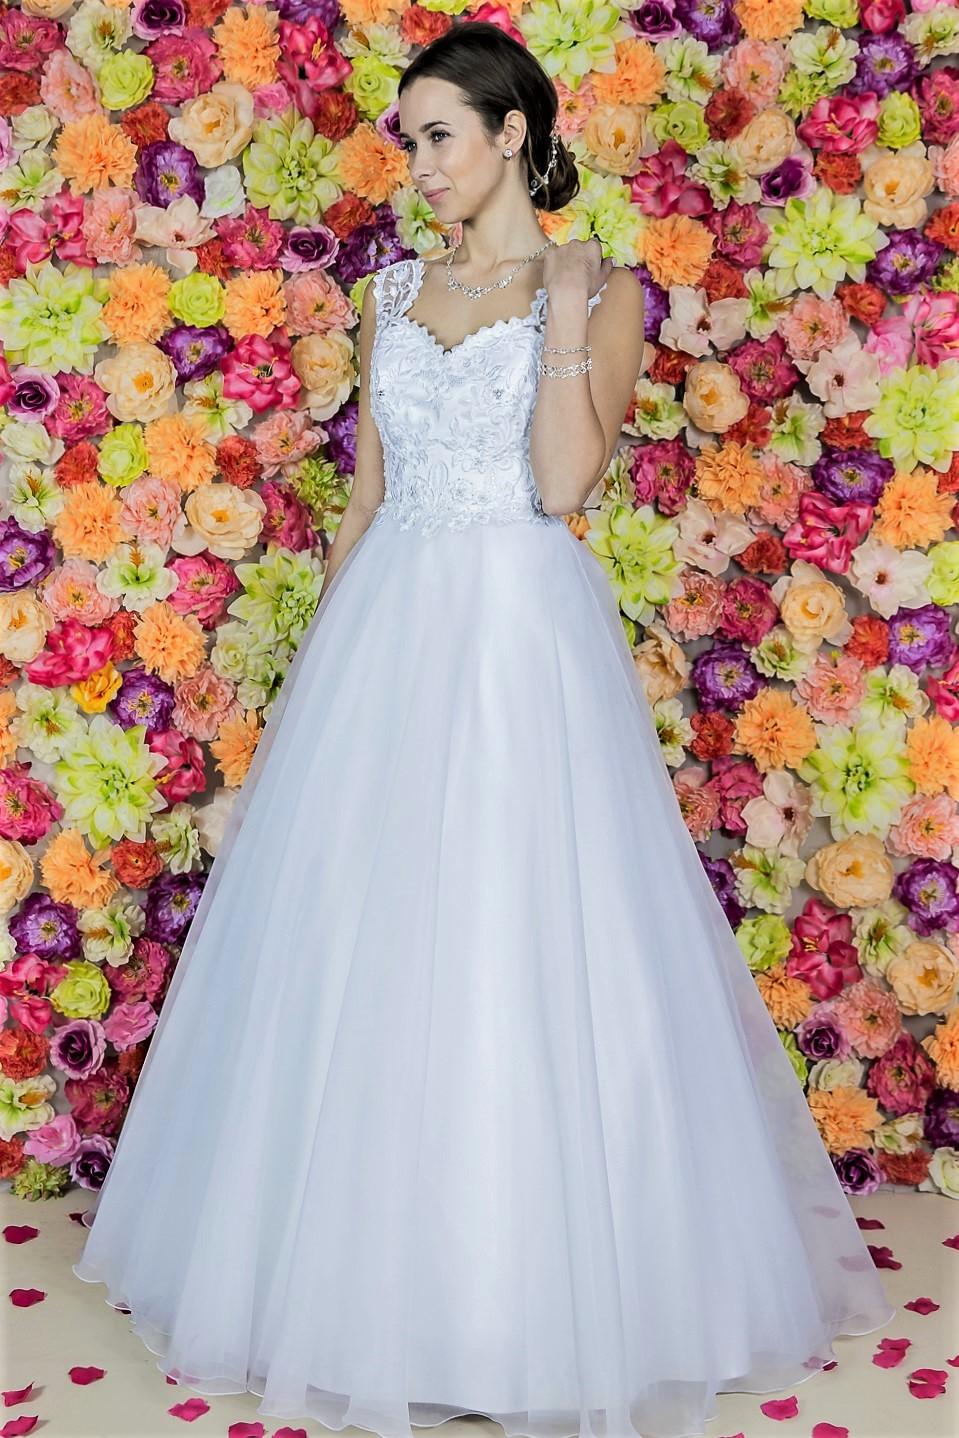 Suknia ślubna Model 613; Suknie ślubne, szycie miarowe, szycie na miarę, producent, suknia ślubna, moda ślubna, salon sukien ślubnych, suknie ślubne galeria, zdjęcia sukni ślubnych, krótkie suknie ślubne, długie suknie ślubne, klasyczne suknie ślubne, koronkowe suknie ślubne, suknia, ślub, zielona góra, panna młoda, wesele, żary, żagań, słubice, świebodzin, sulechów, krosno odrzańskie, nowogród bobrzański, gubin, nowa sól, lubuskie, dolnośląskie, Brautkleider, Hochzeitskleid, Brautmode, Brautkleid, Hochzeitskleider, mit Schleppe, Hochzeit , Hersteller, massgefertigte Brautkleider, Brautkleider nach Maß. Hochzeitsmode aus Polen, allen Größen, wedding, Polen, Zary, Guben, lausitz, Wedding dress, Cottbus, Dresden, Berlin, Anzüge